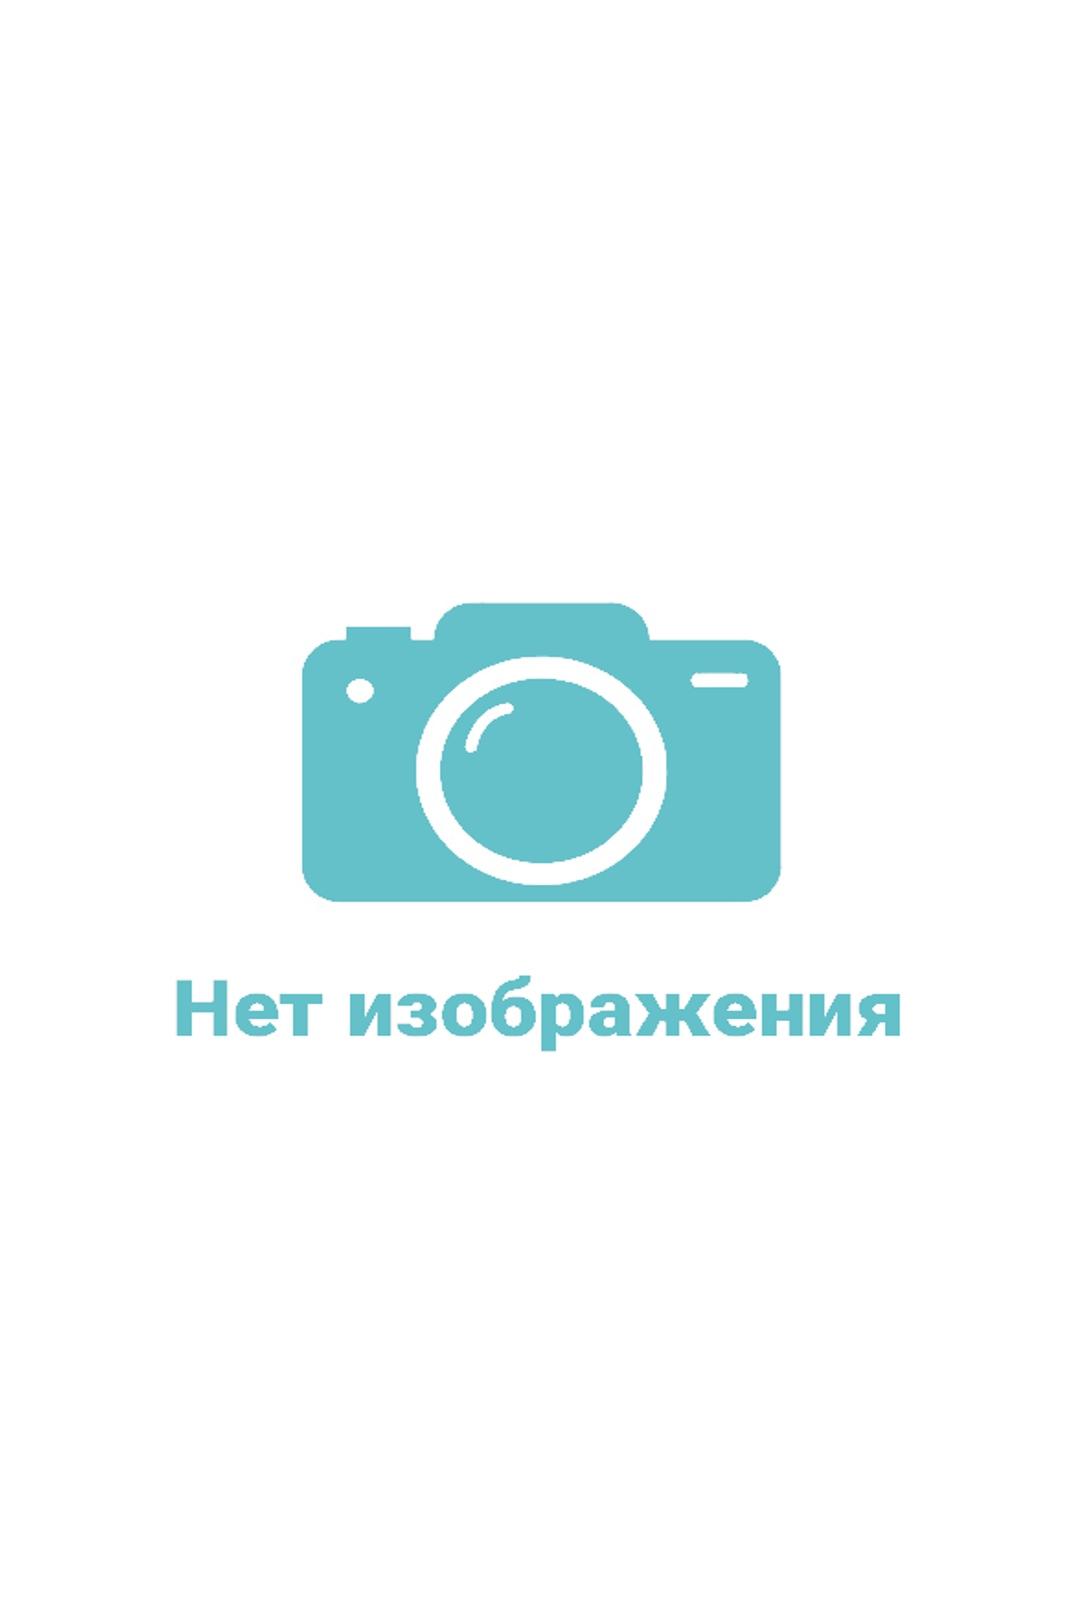 Врач гастроэнтеролог, врач общей практики Иванова Светлана Олеговна